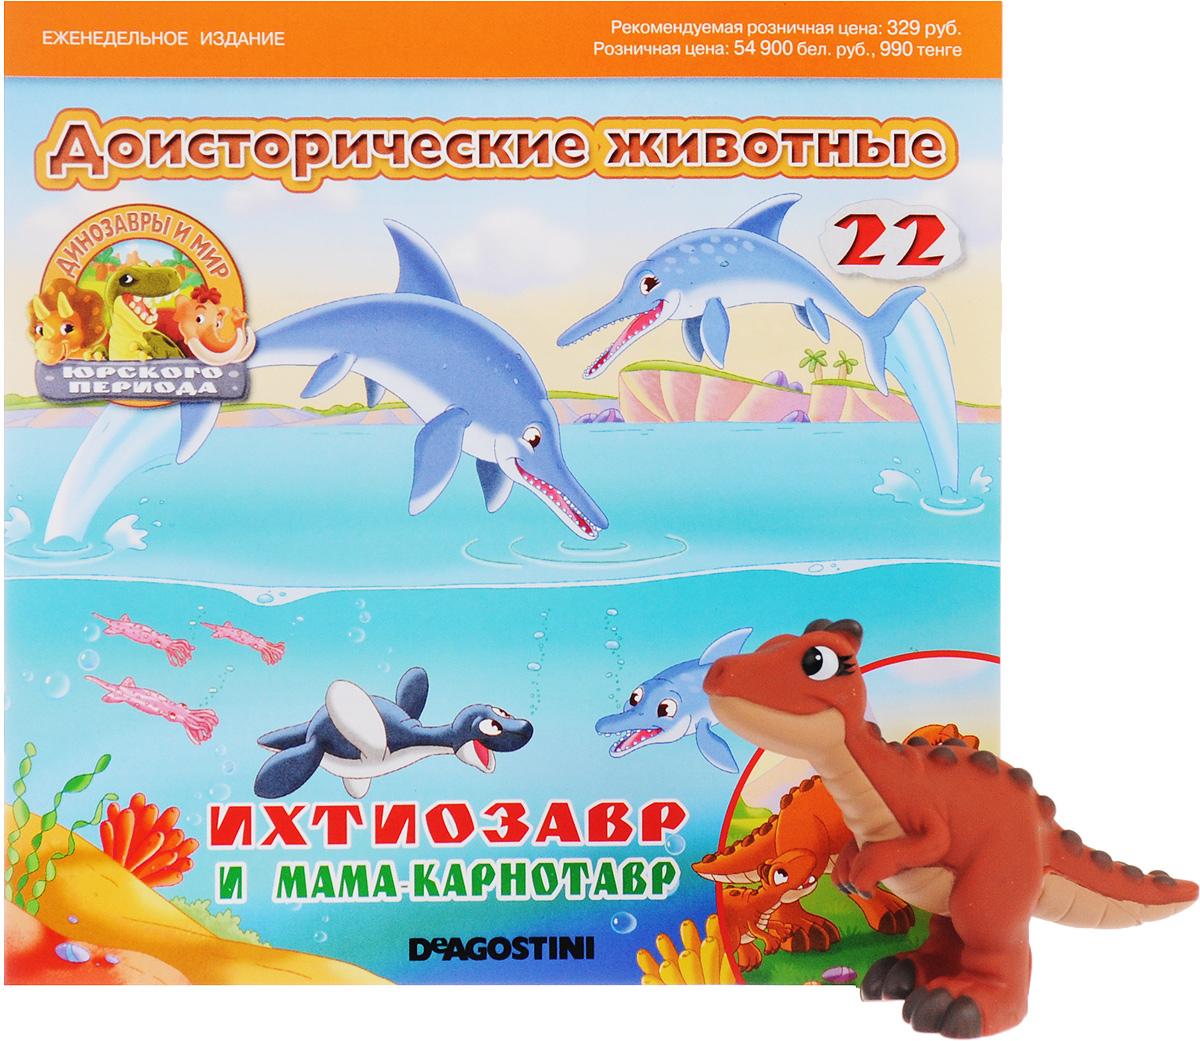 """Журнал """"Динозавры и мир Юрского периода"""" №22,"""